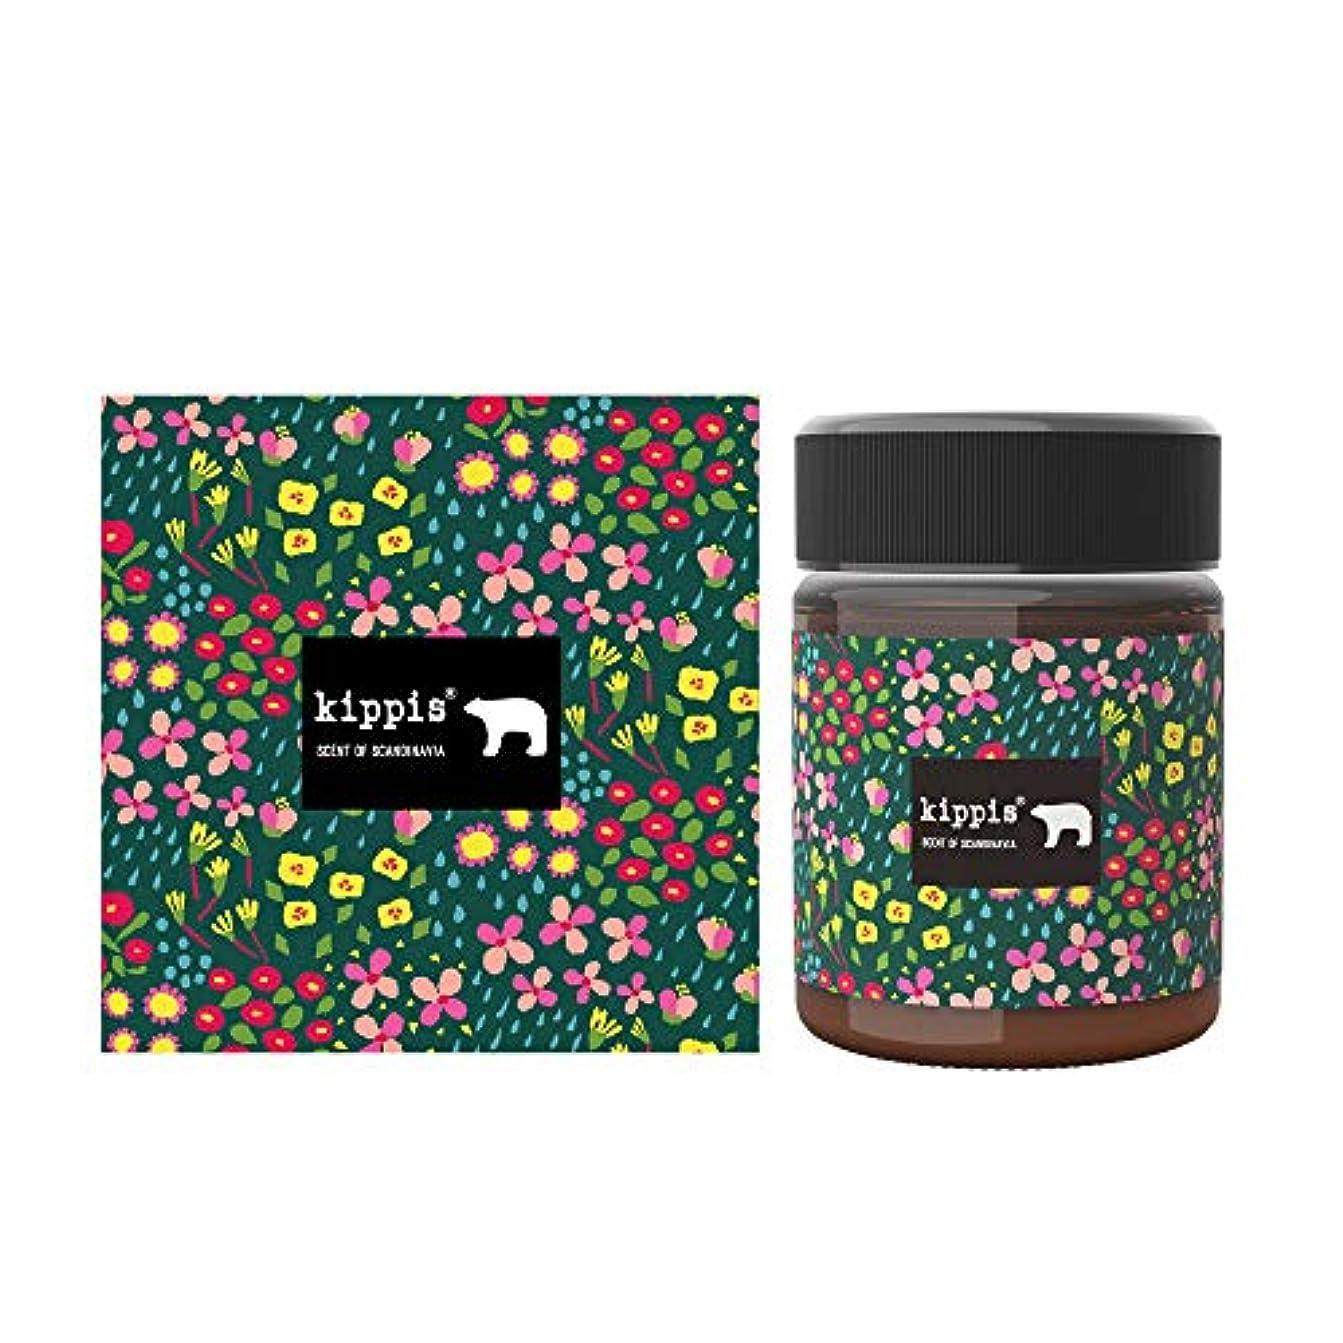 住居自発的ラジエーターキッピス 髪と肌のトリートメントワックス(風香る森の花々の香り)40g